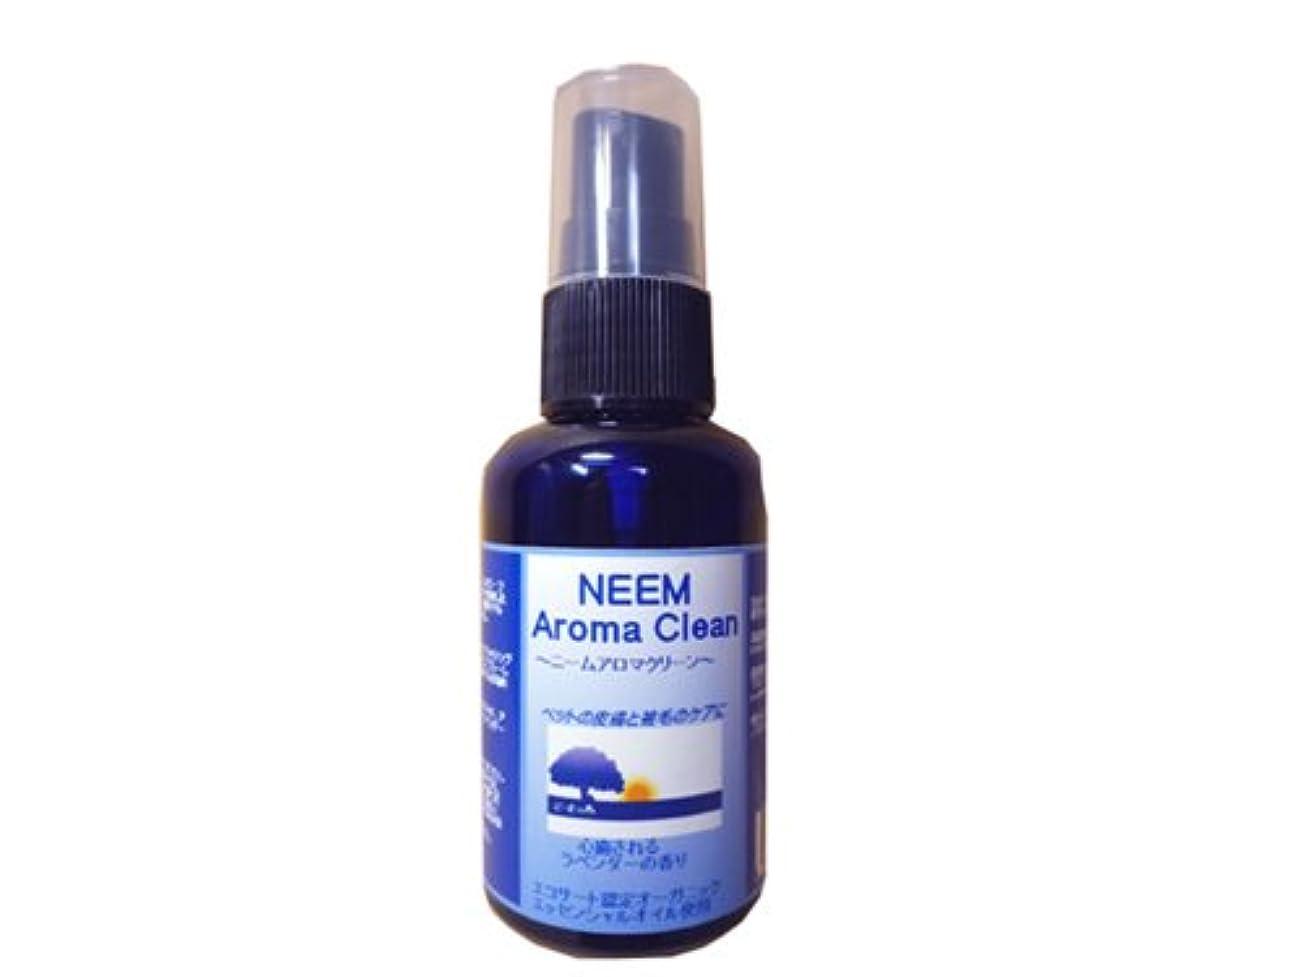 スケルトンなめらか楽なニームアロマクリーン(ラベンダー) NEEM Aroma Clean 50ml 【BLOOM】【(ノミ?ダニ)駆除用としてもお使いいただけます。】